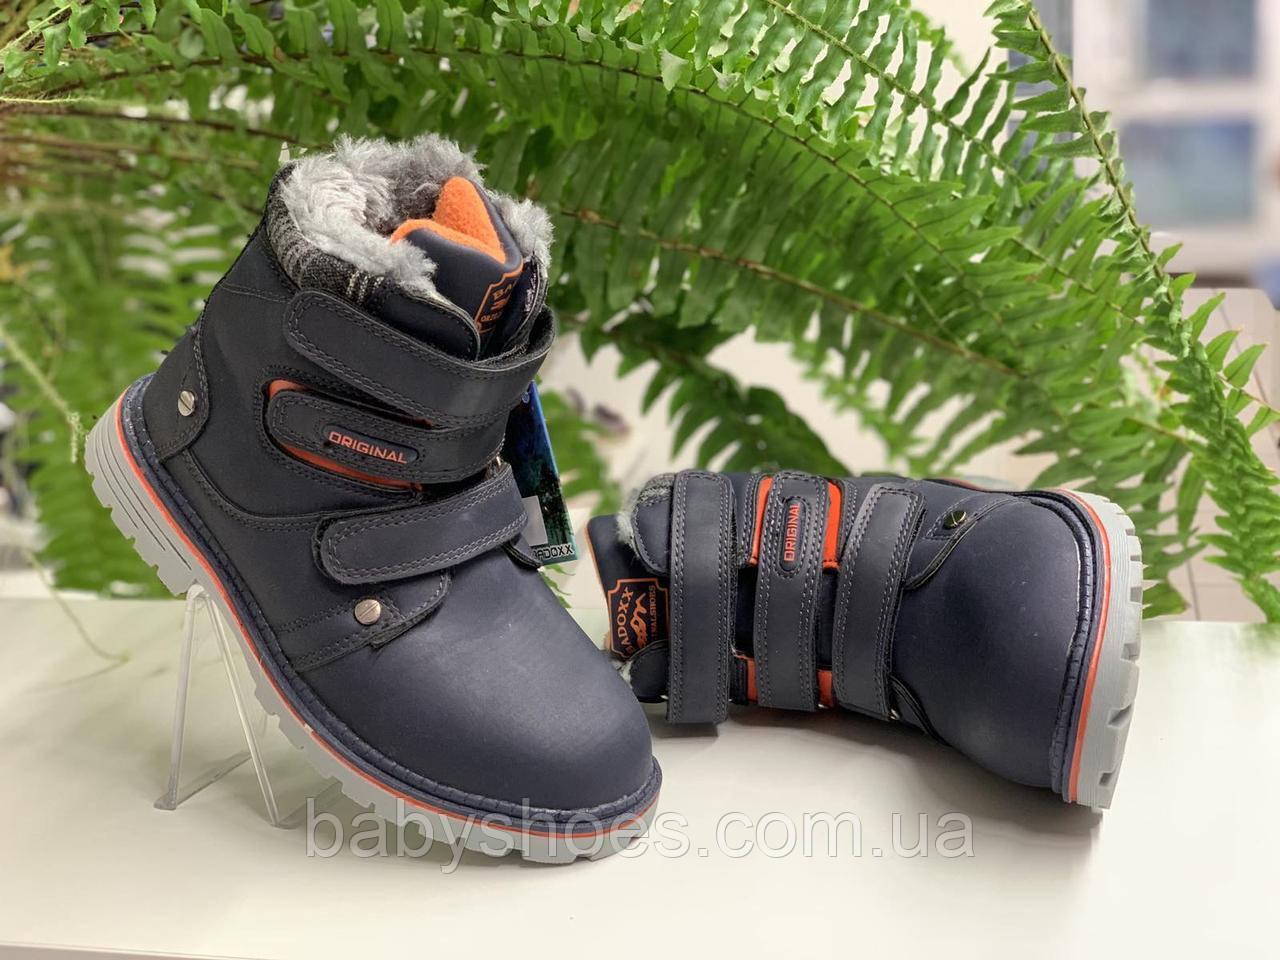 Зимние ботинки для мальчика Badoxx Польша  р.32, ЗМ-39